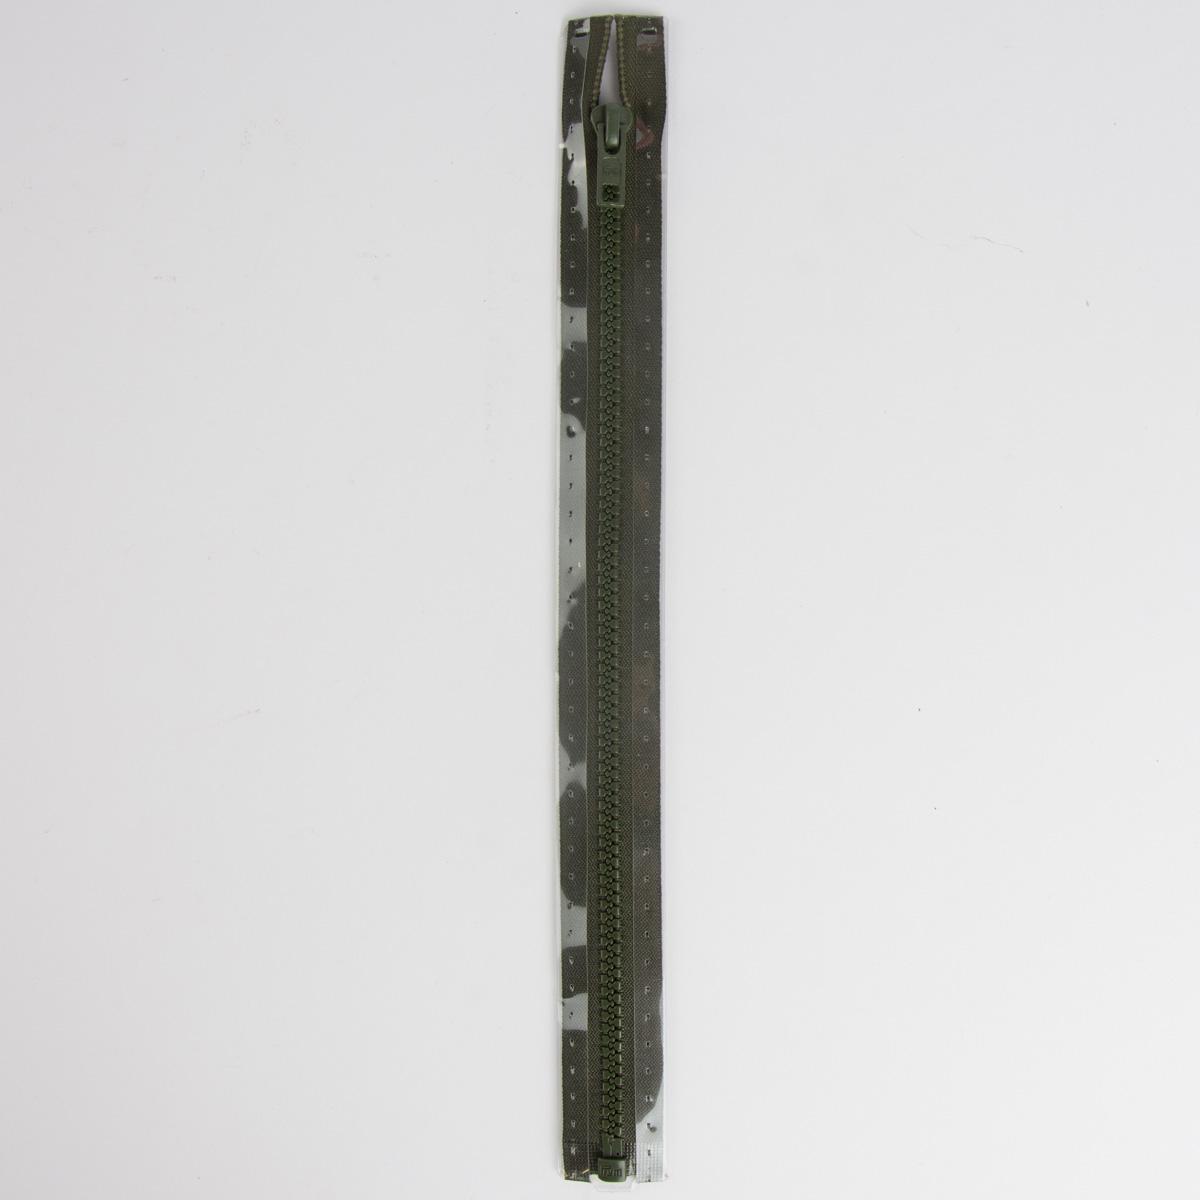 Reißverschluss S4 Profil tb 45 cm Fla br-oliv